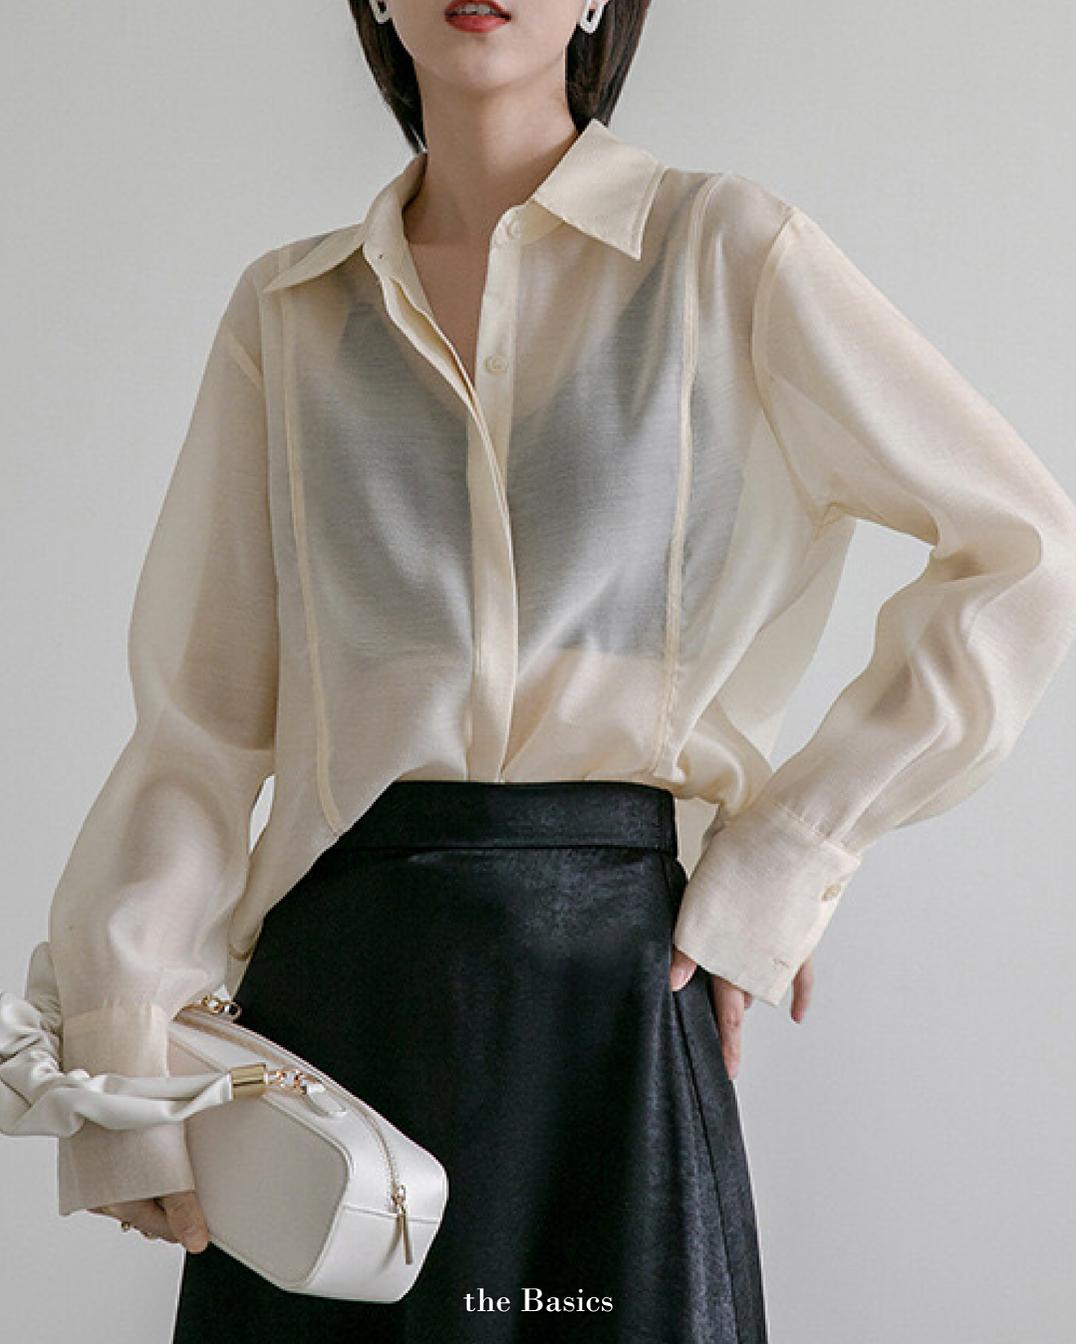 12 thiết kế sơ mi chuẩn đẹp đúng style Hàn Quốc, ưng nhất là giá chưa đến 600k - Hình 7